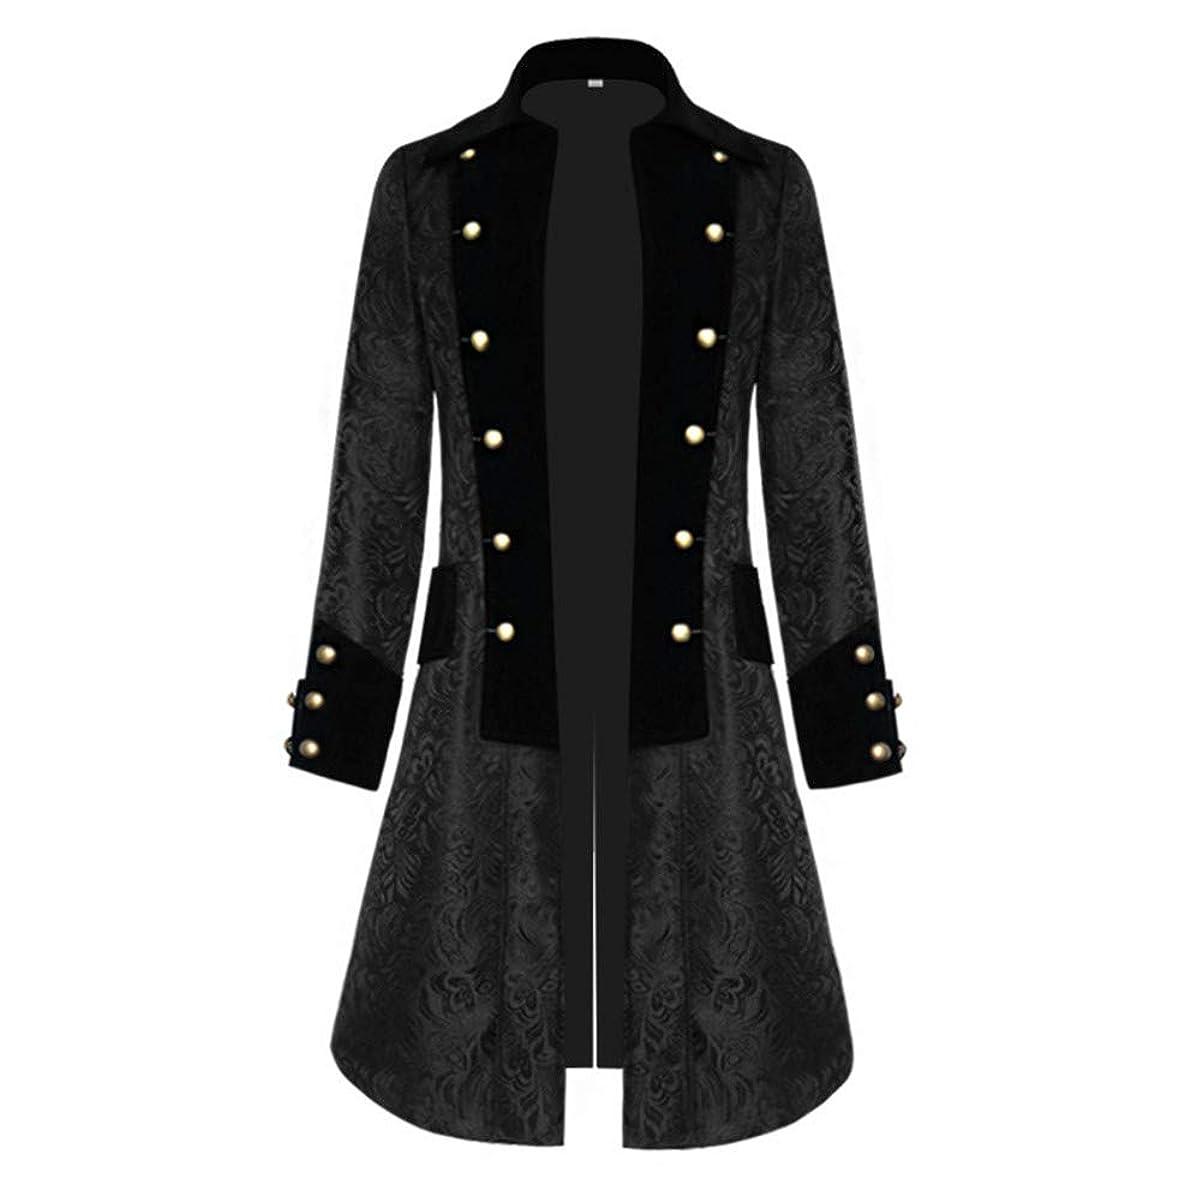 スコットランド人受け継ぐ不器用コート ロングジャケット メンズ 長袖 パーカー ビンテージ ハロウィン 中世 コスプレ 文化祭 学園祭 部活 ヨーロッパ風 カジュアル かっこいい